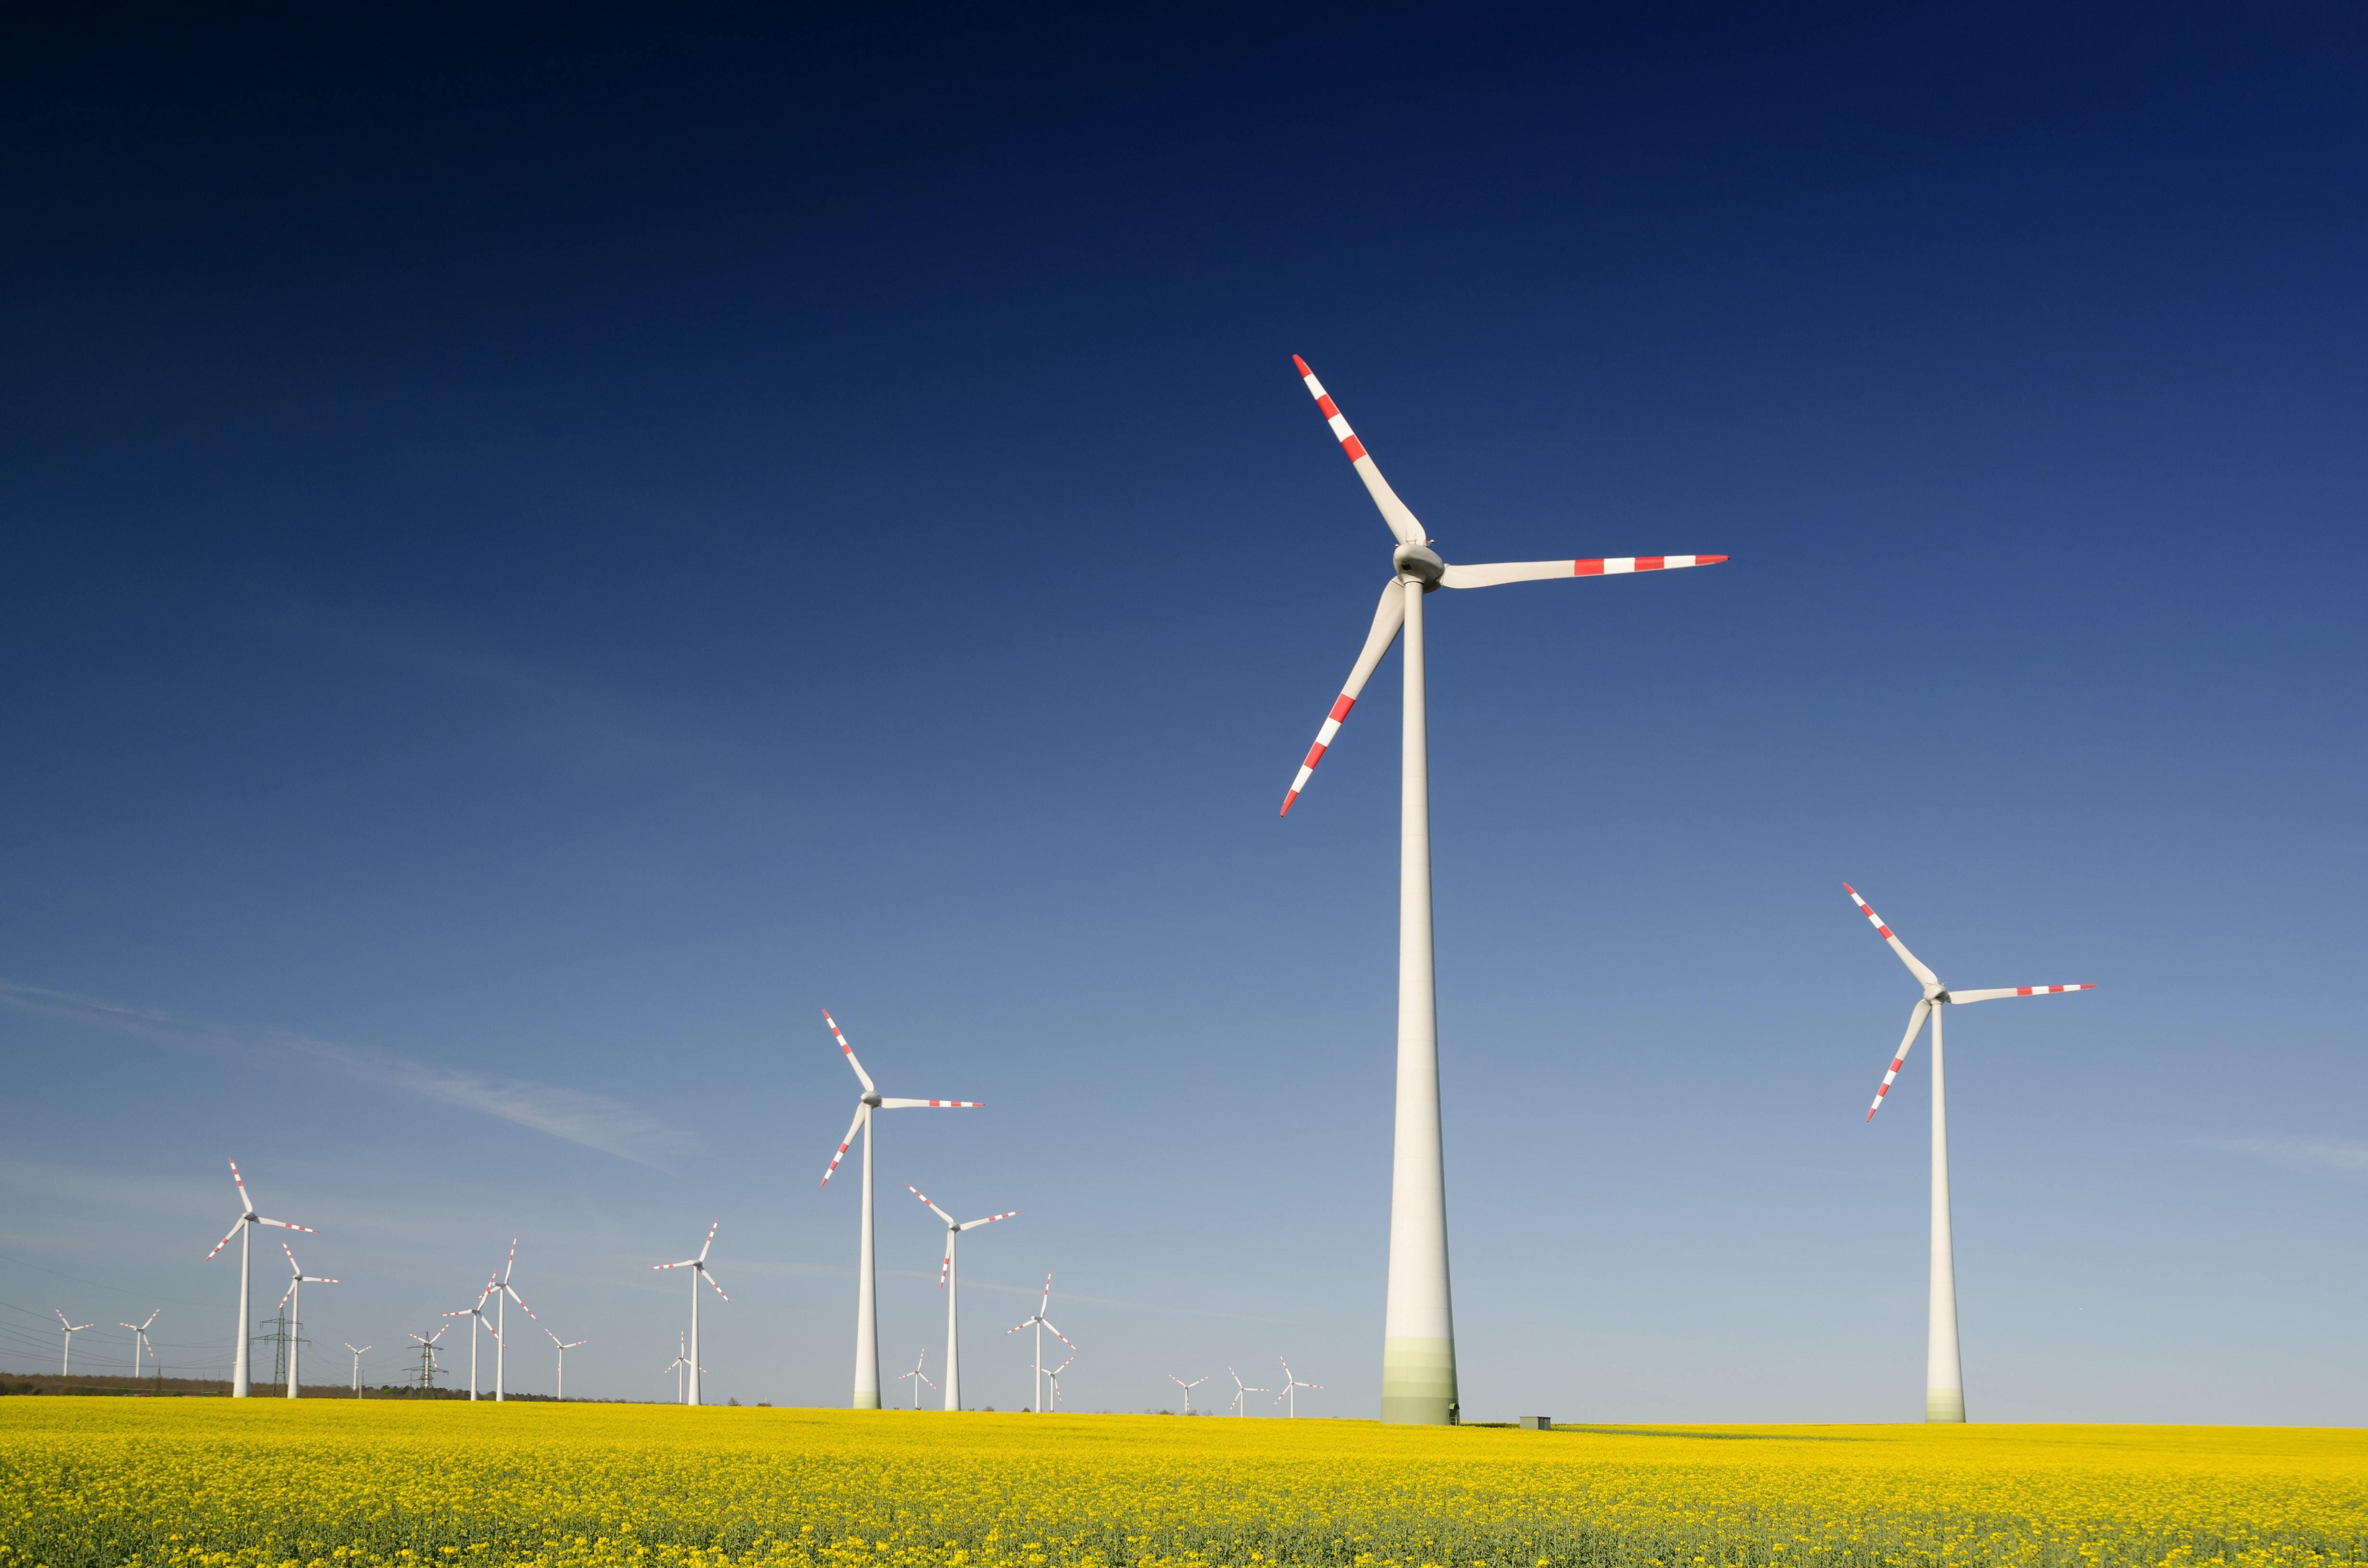 Wind turbines in a field of rape seed